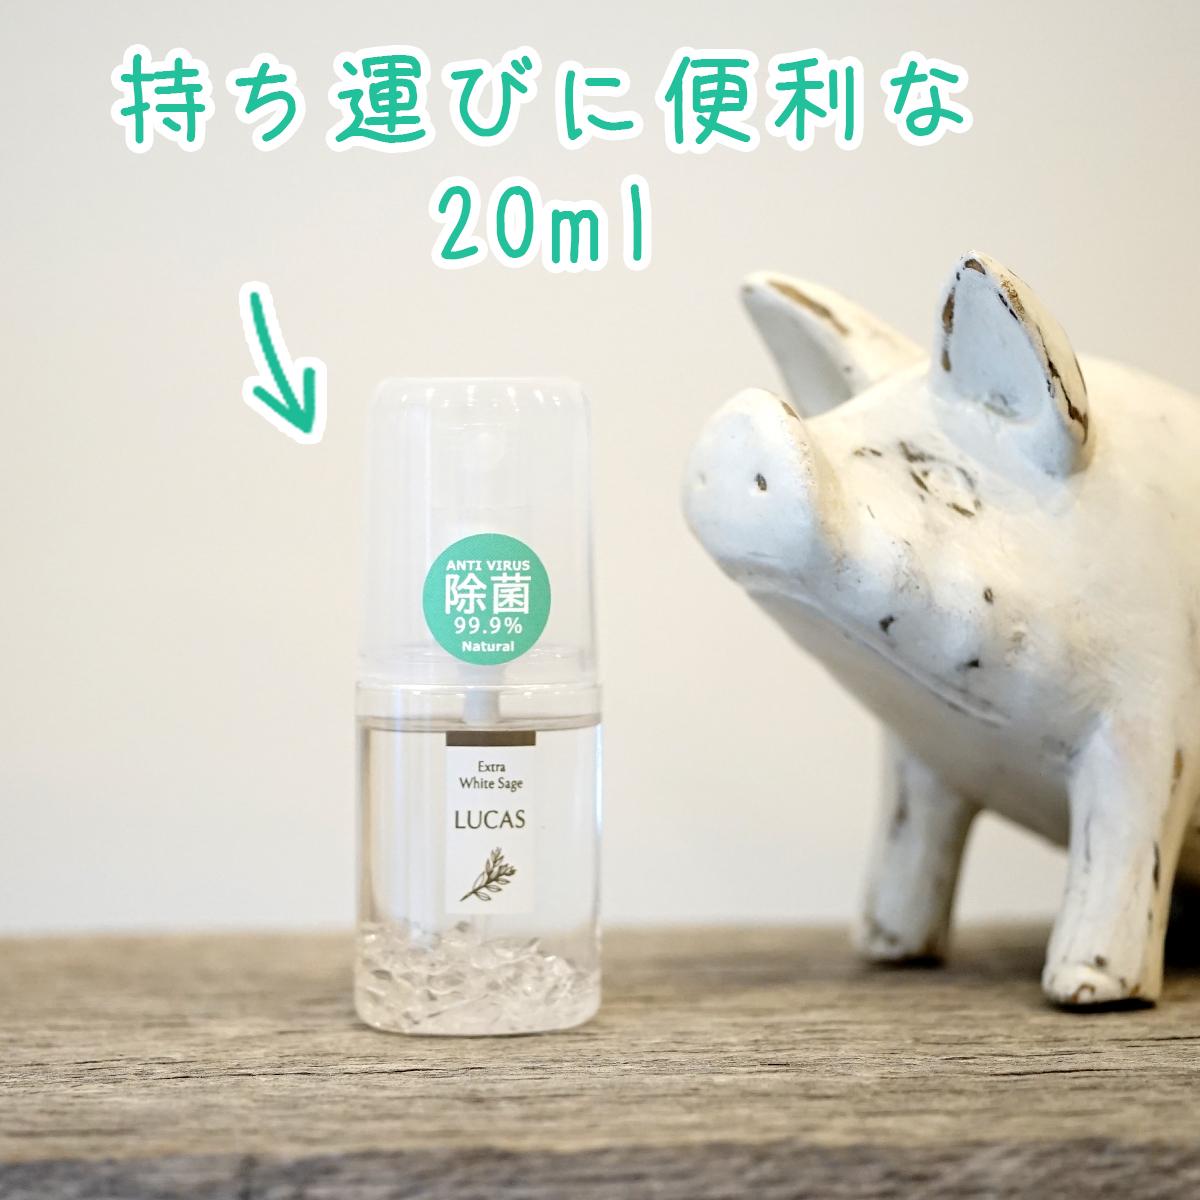 マスク除菌スプレー LUCAS 爽快ミントの香り (100%天然成分 & 99.9%除菌)ハンカチスプレー